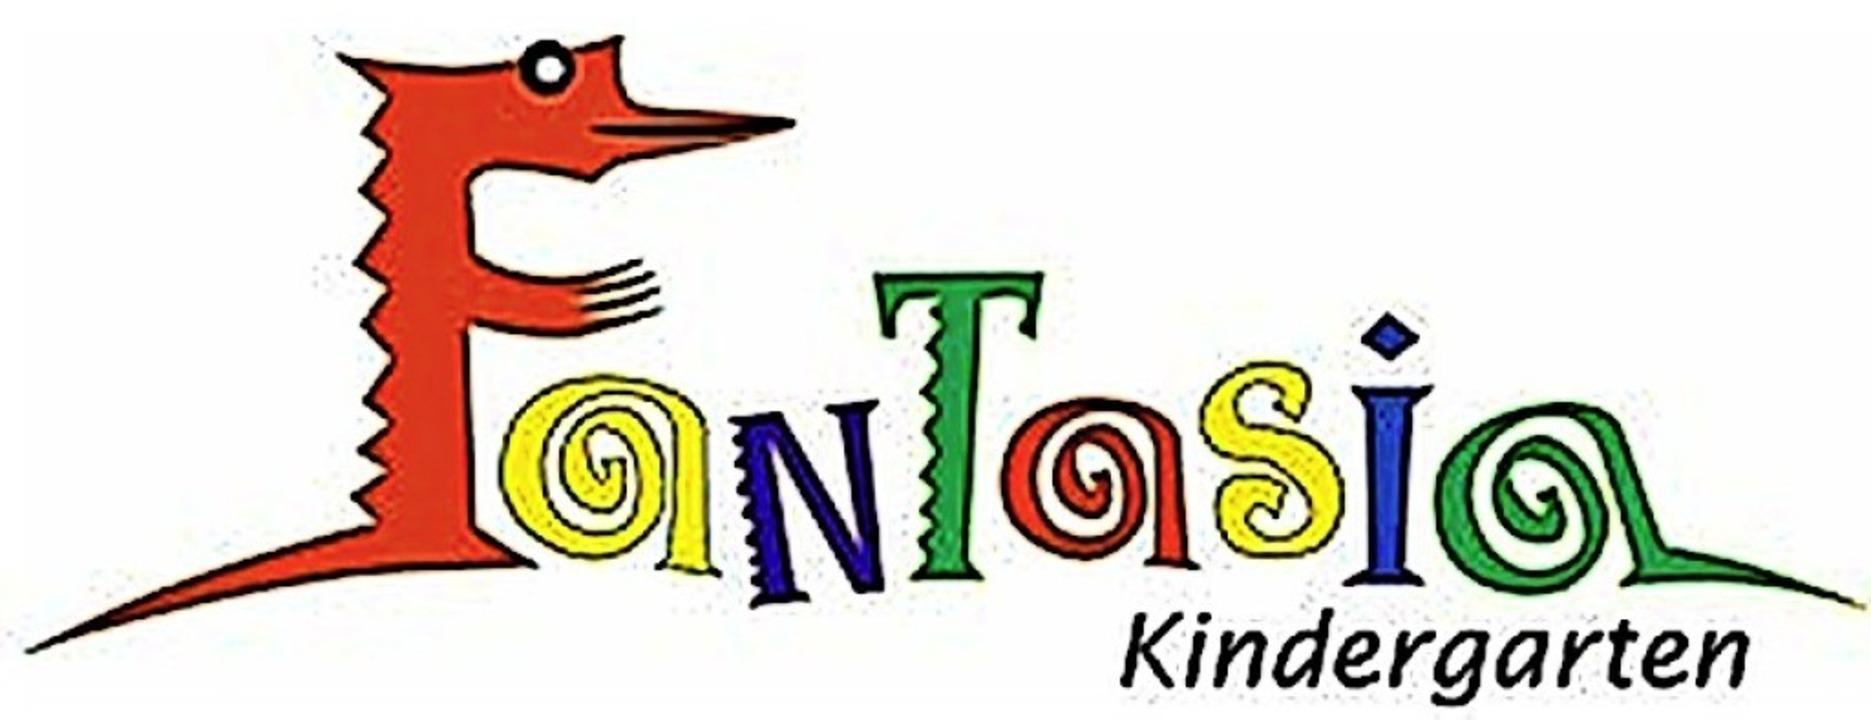 Das Logo des Kindergartens  | Foto: Gemeinde Reute